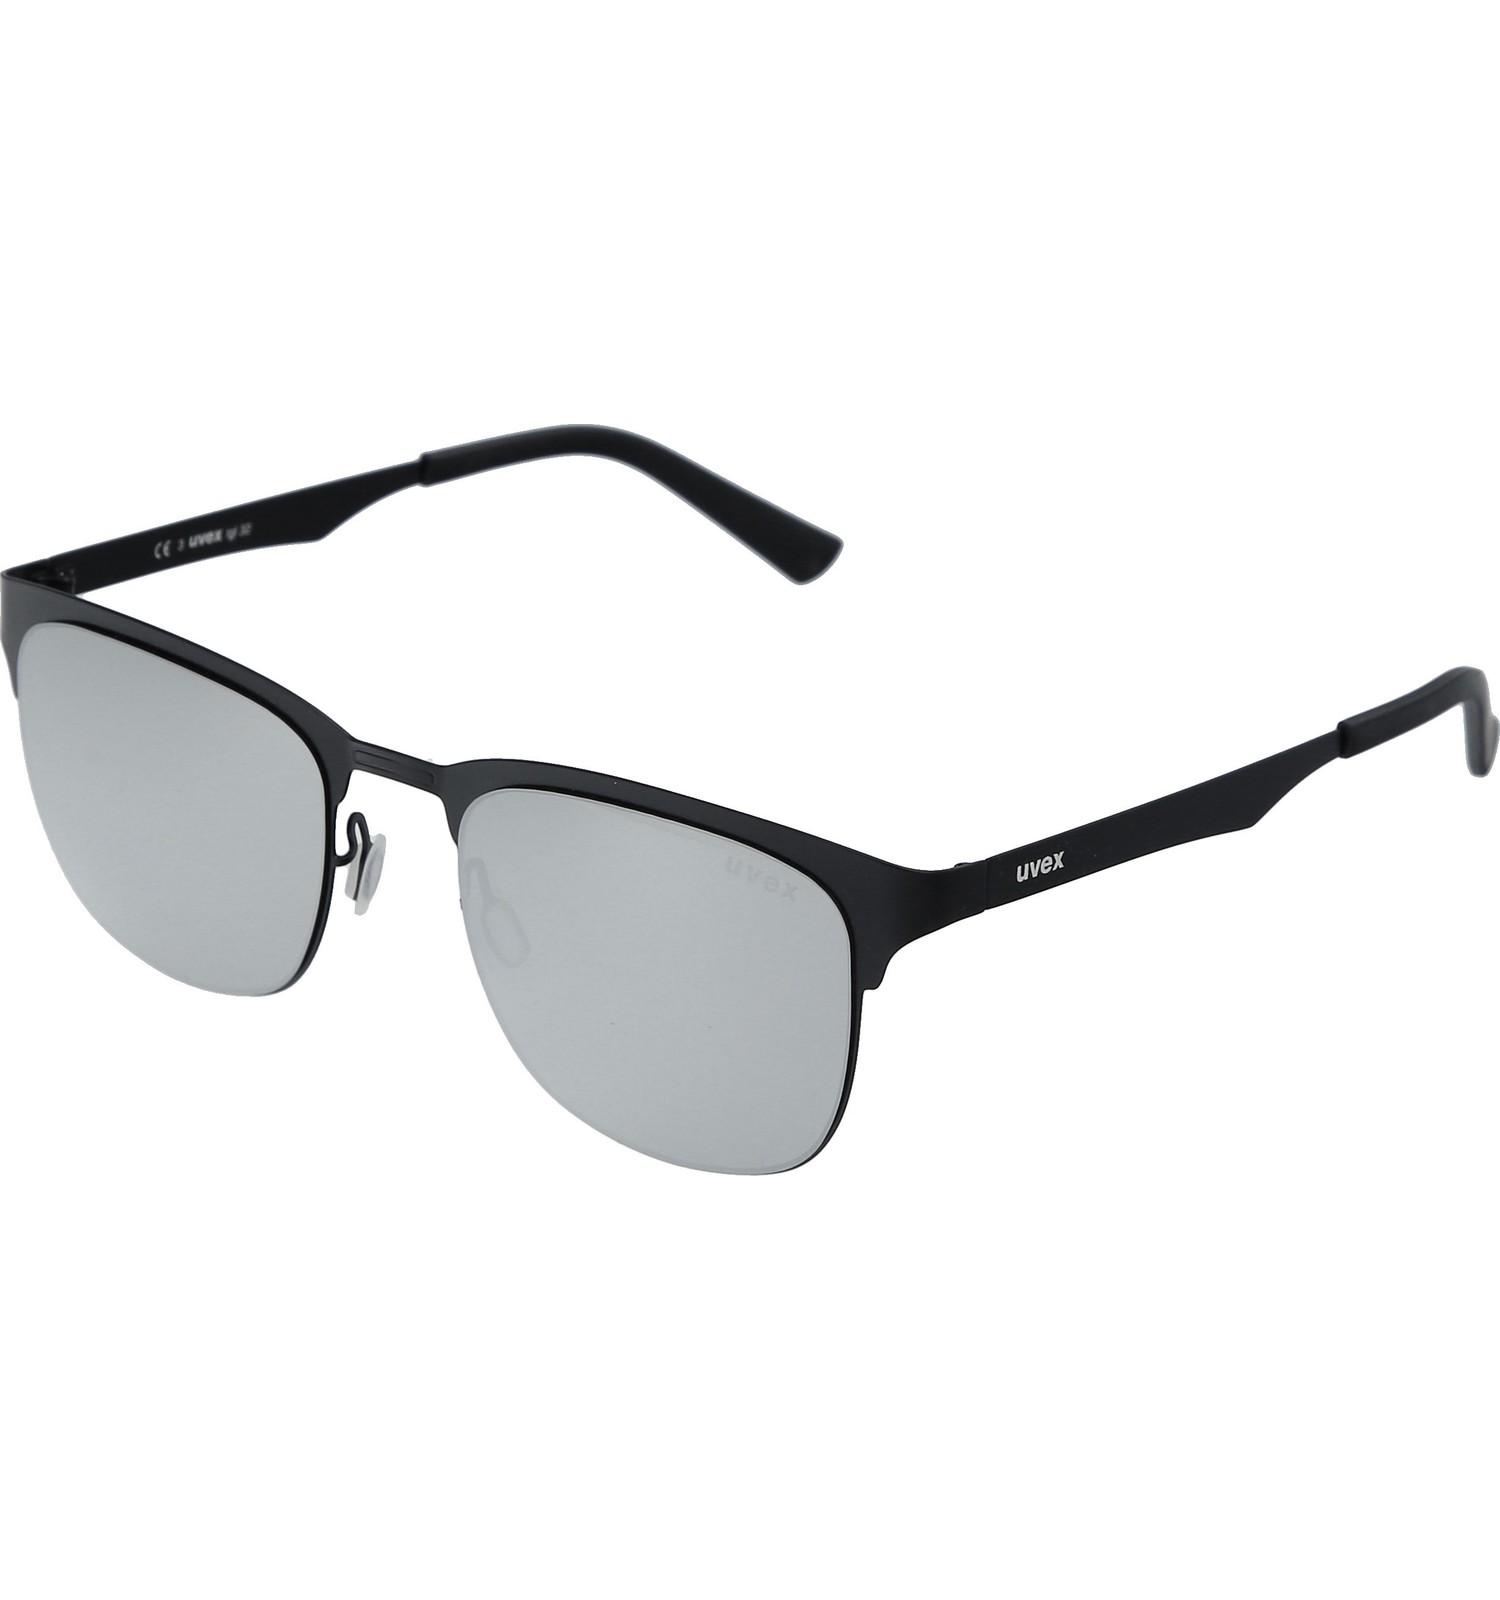 Sonnenbrille verschiedene Uvex Lifestyle lgl 32 - verschiedene Sonnenbrille Ausführungen (NEU) 434425